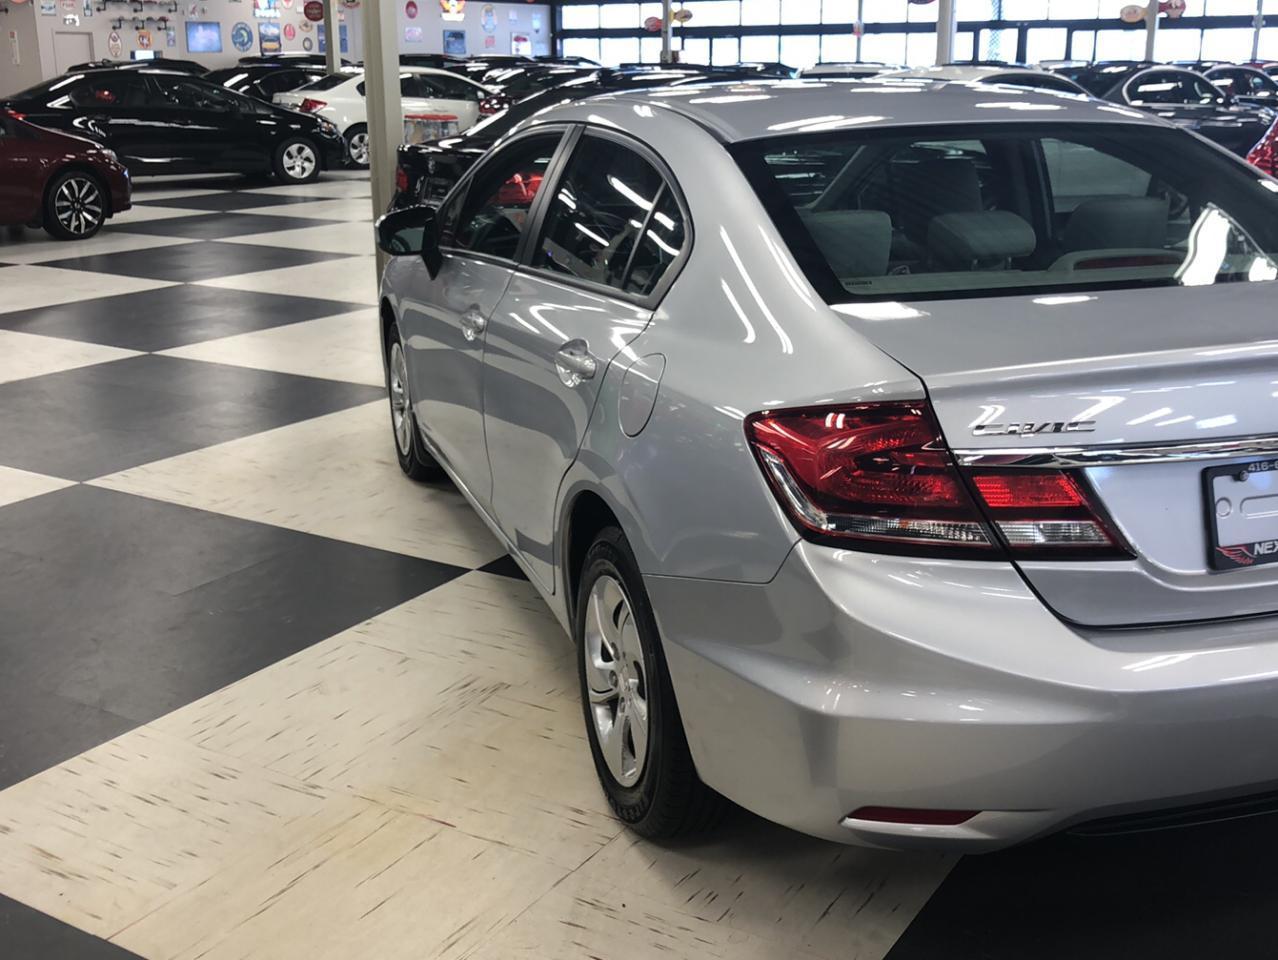 2015 Honda Civic